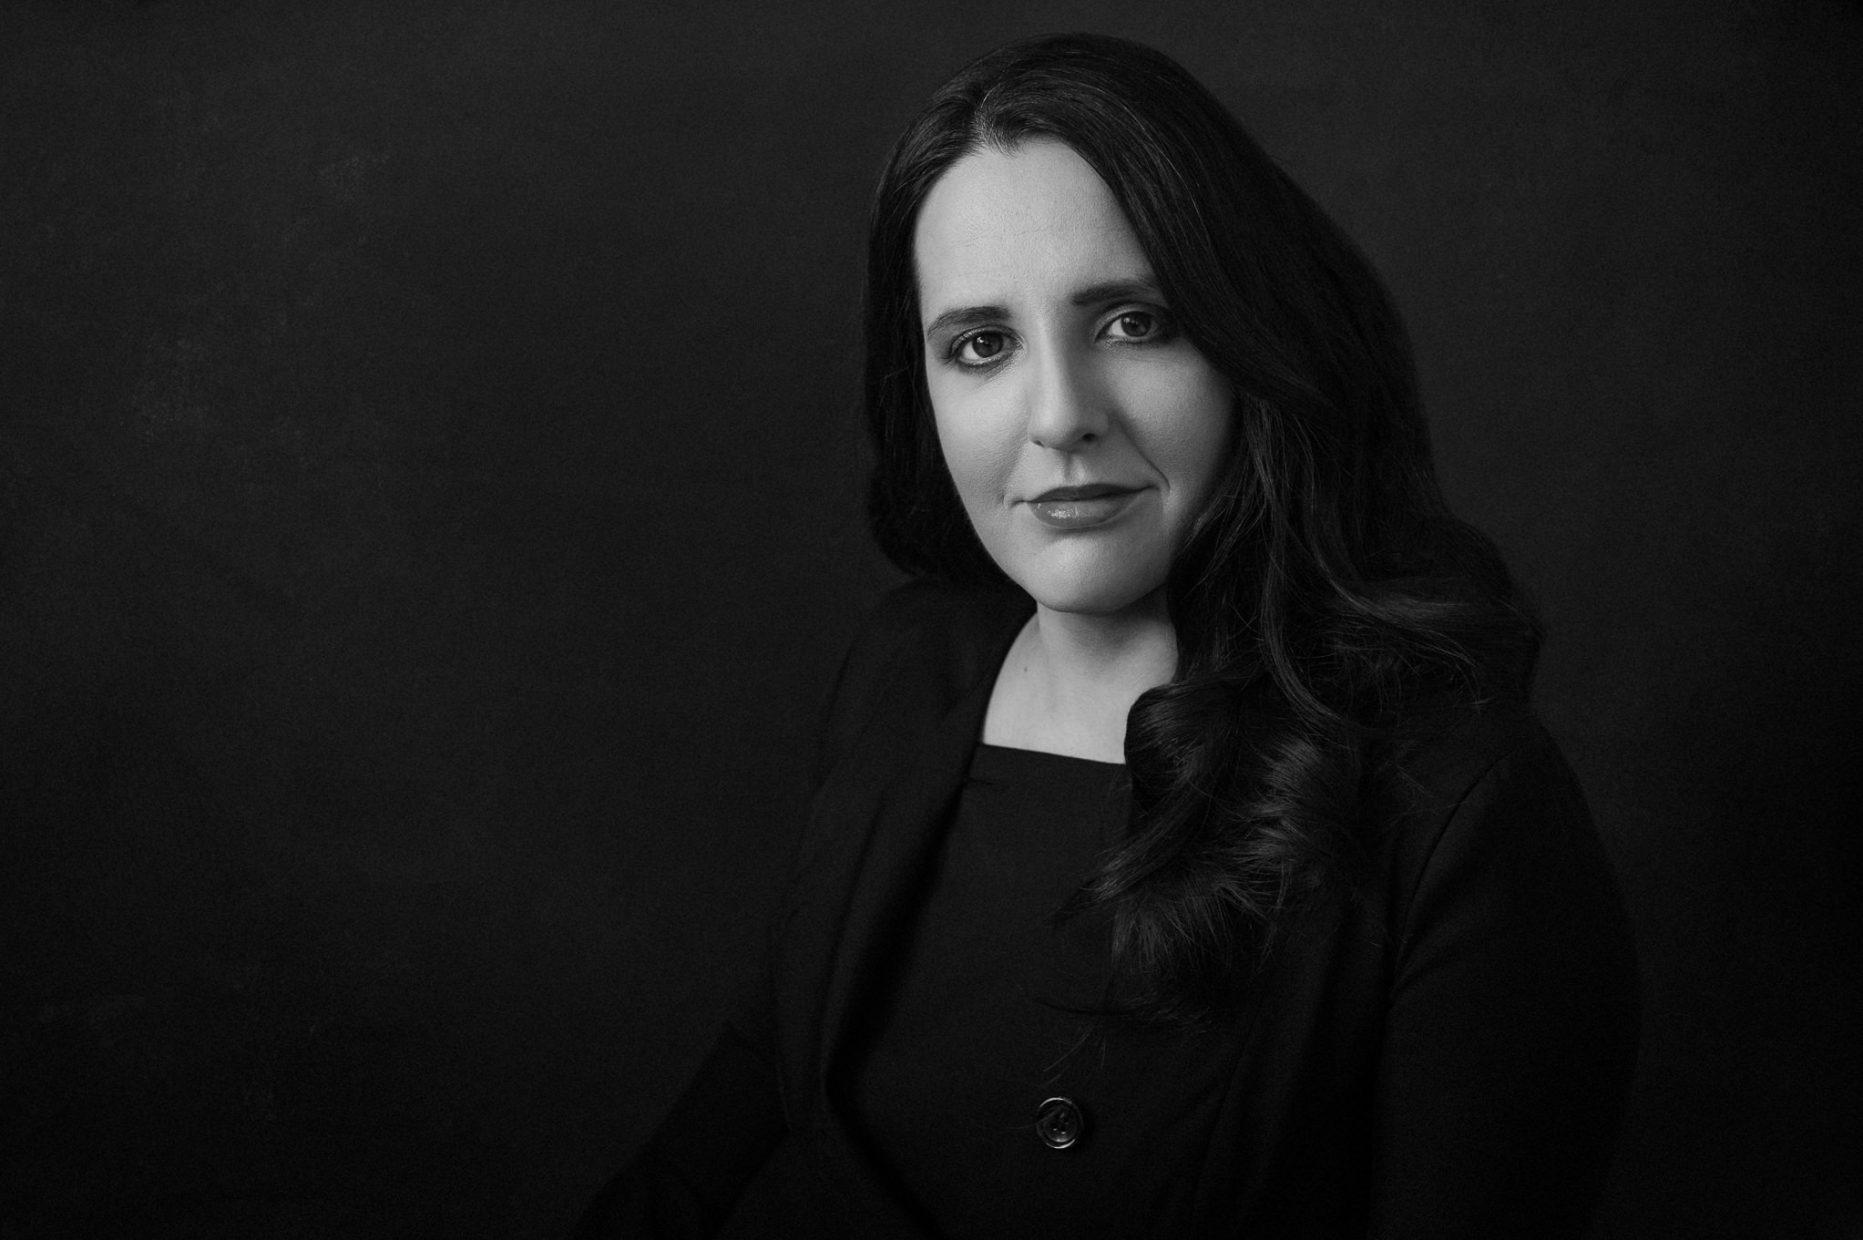 Portrait of a woman wearing a black dress - Ritratto della donna con vestito nero - Studio fotografico Ferrara